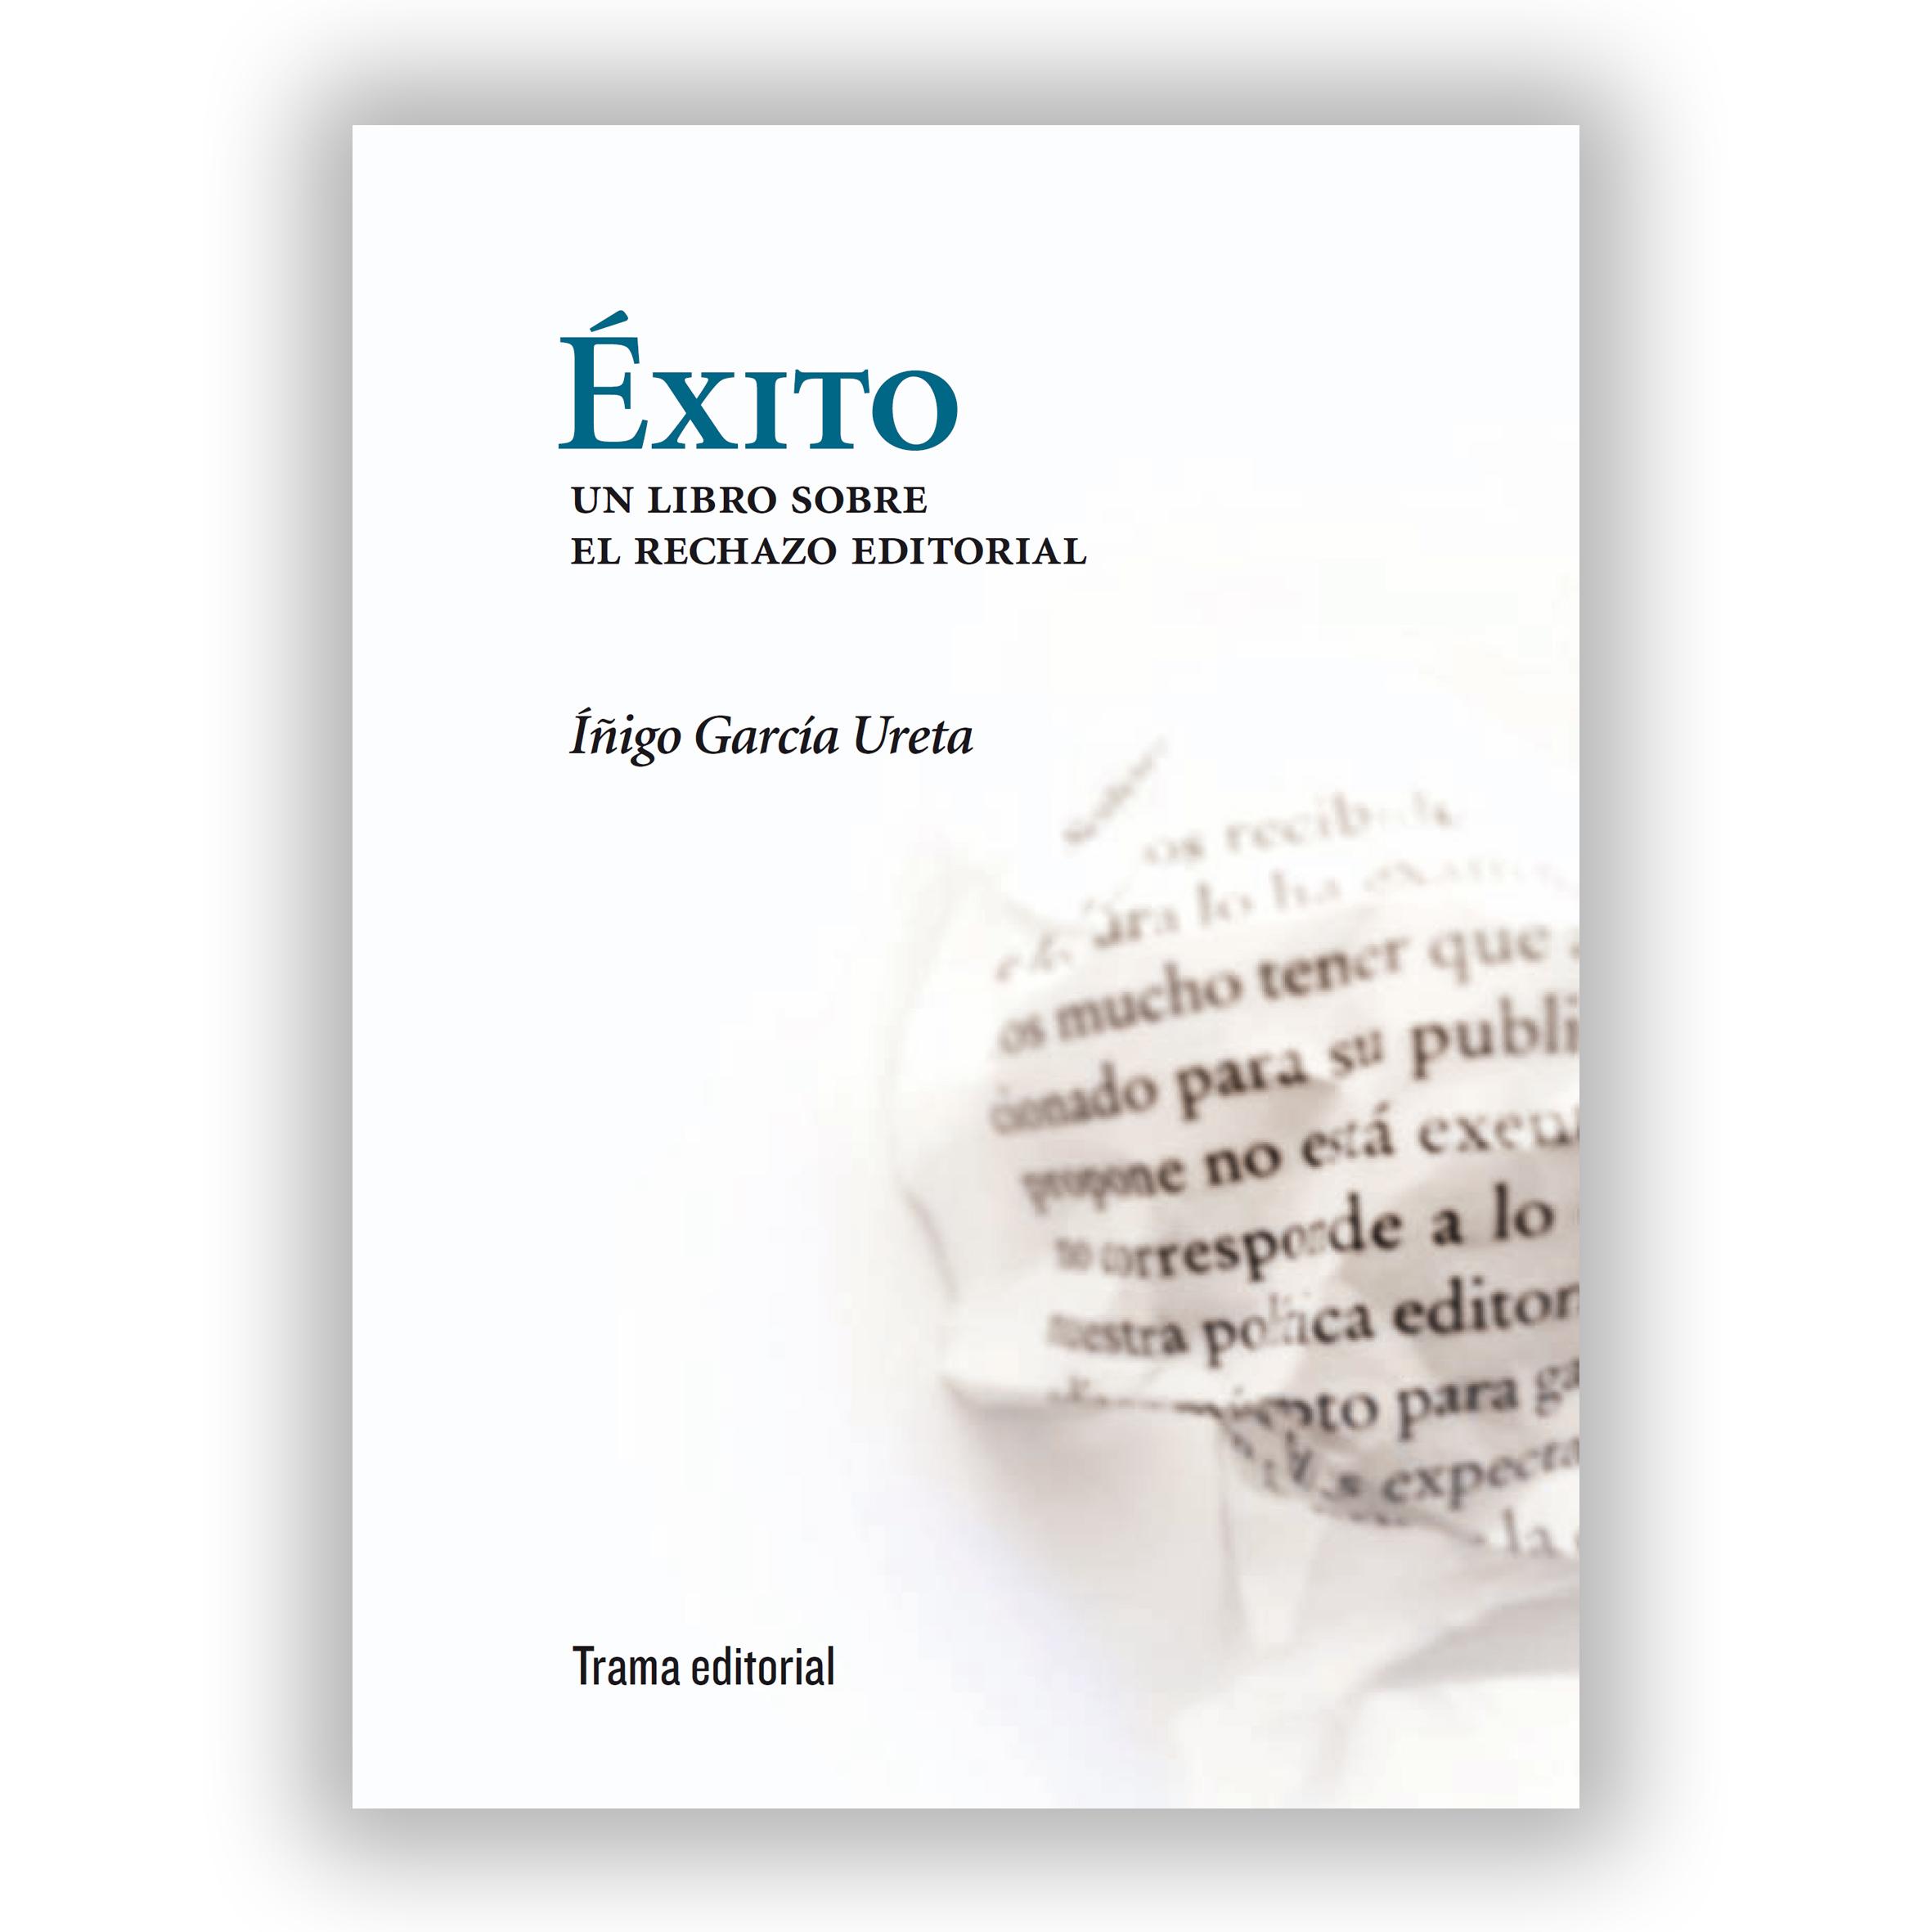 Gajos de un fructífero oficio. Reseña de Éxito de Iñigo García Ureta en Textos en solfa